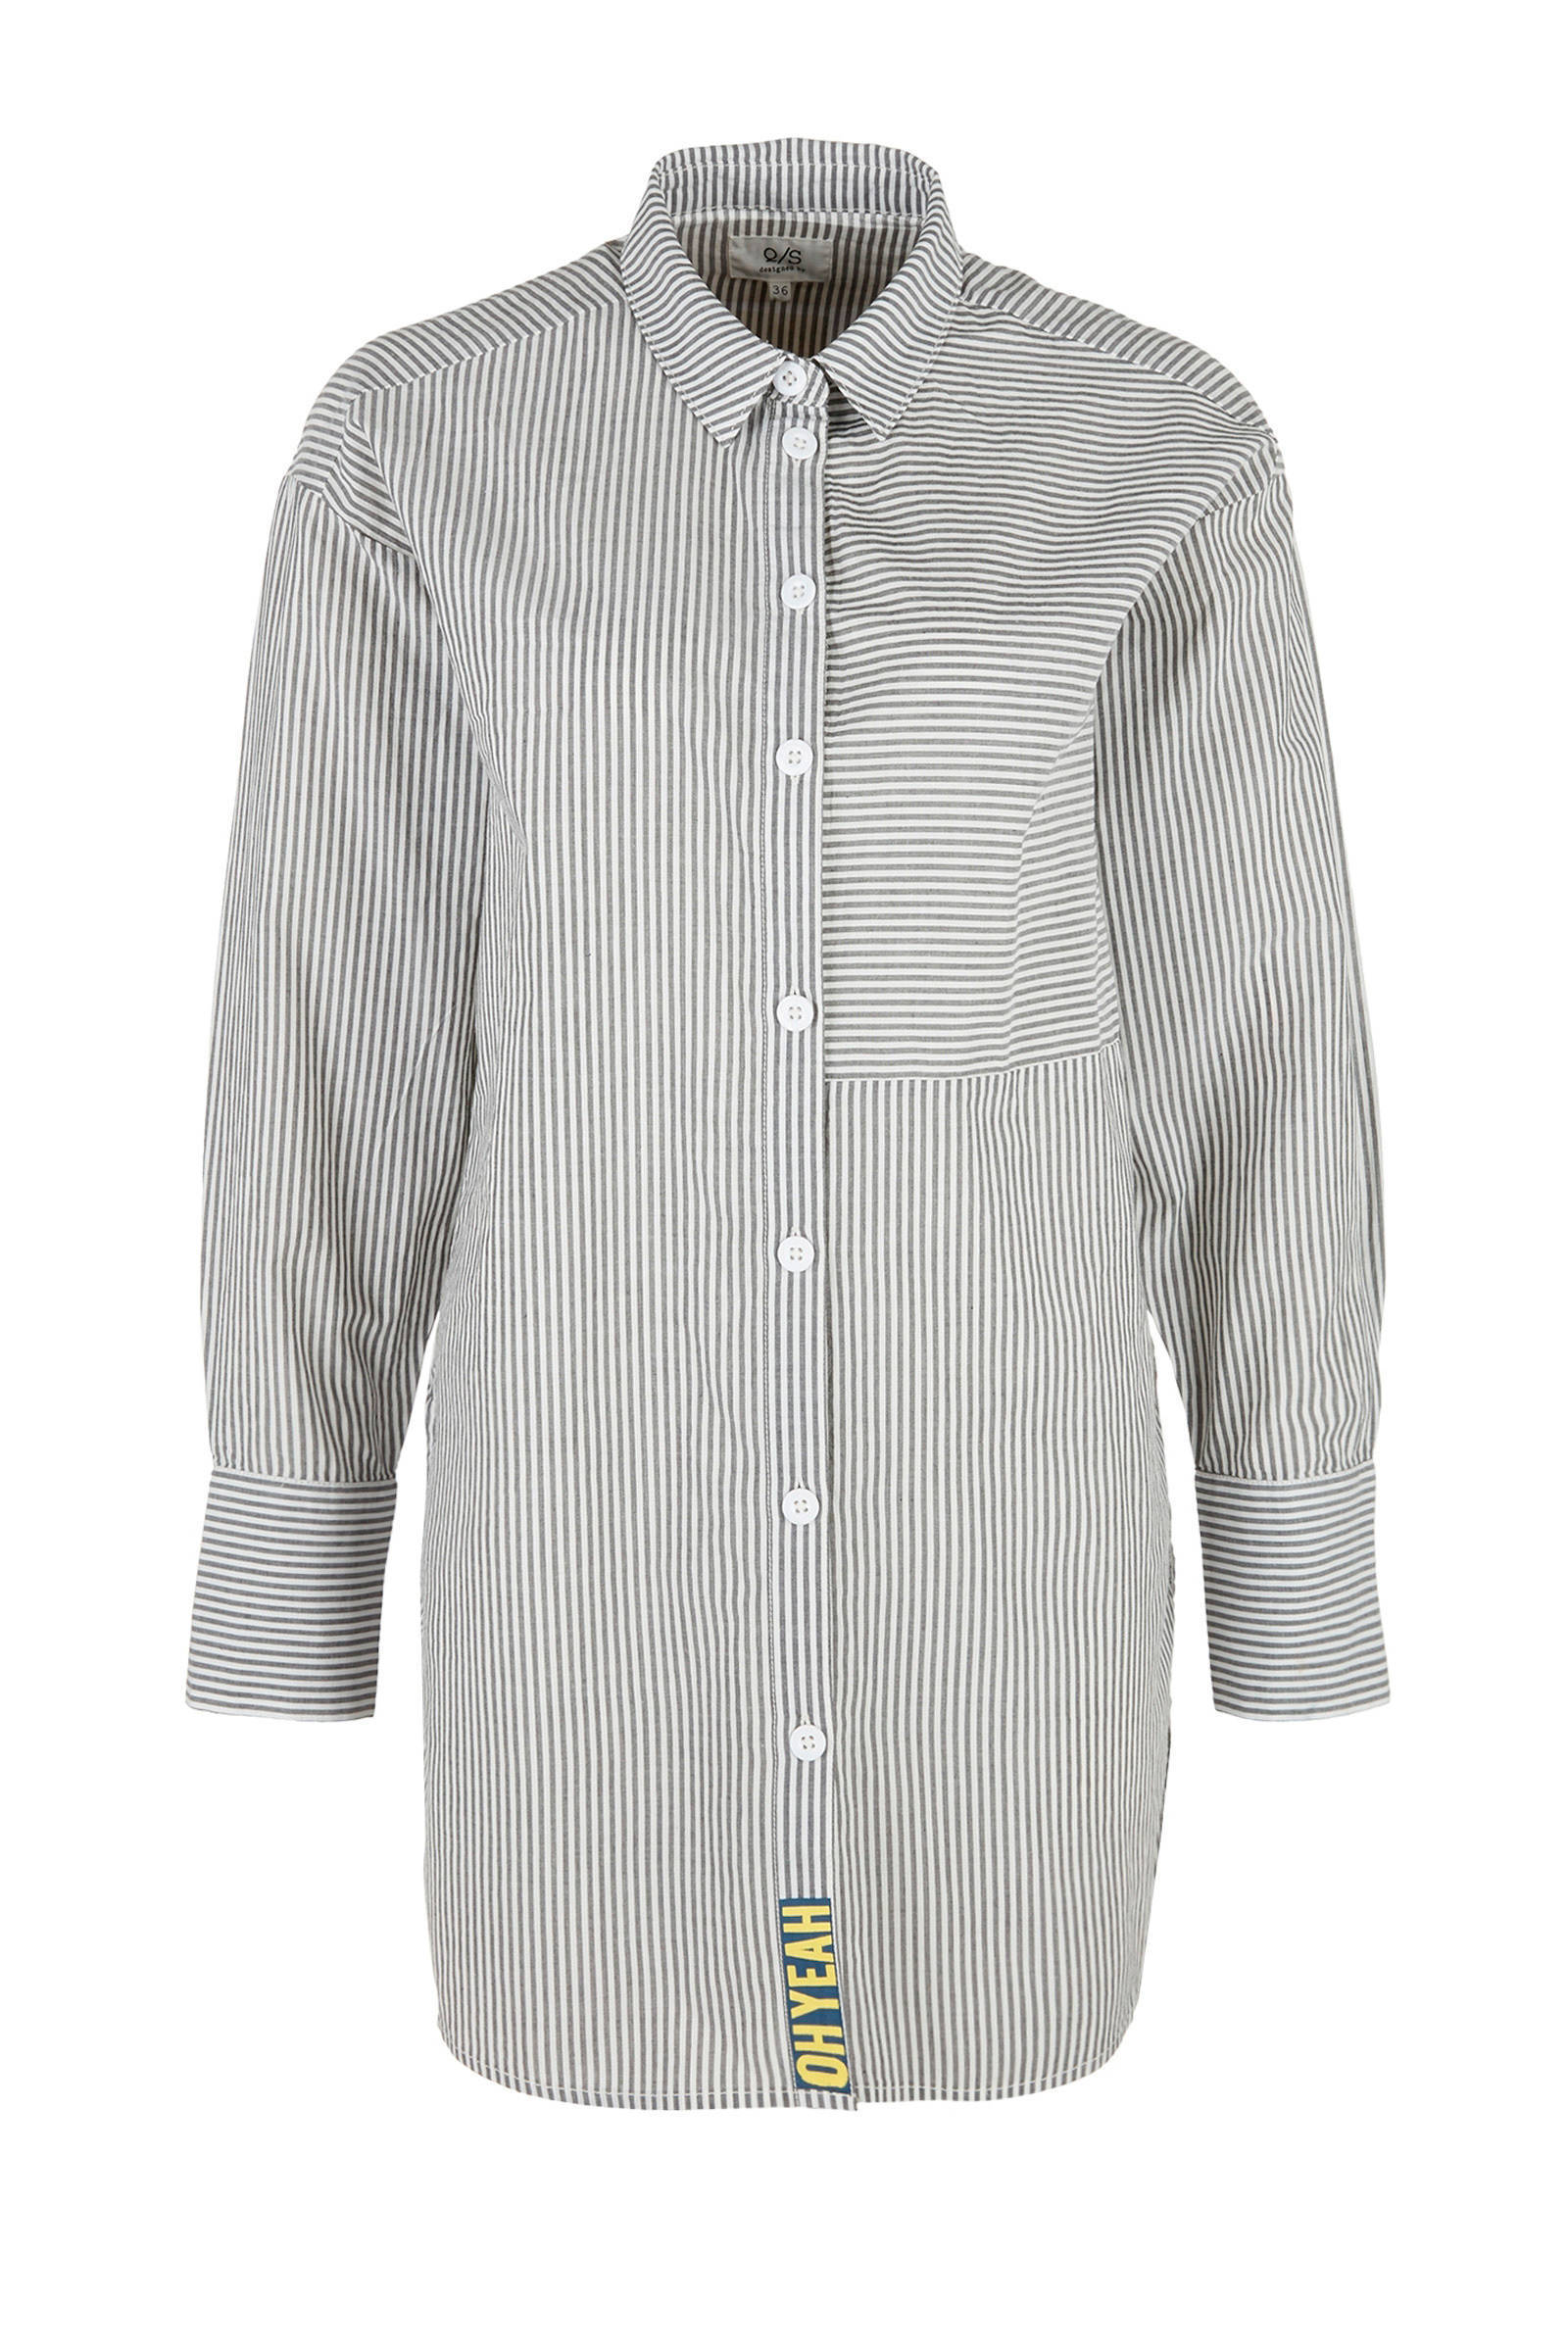 lange blouse zwart wit